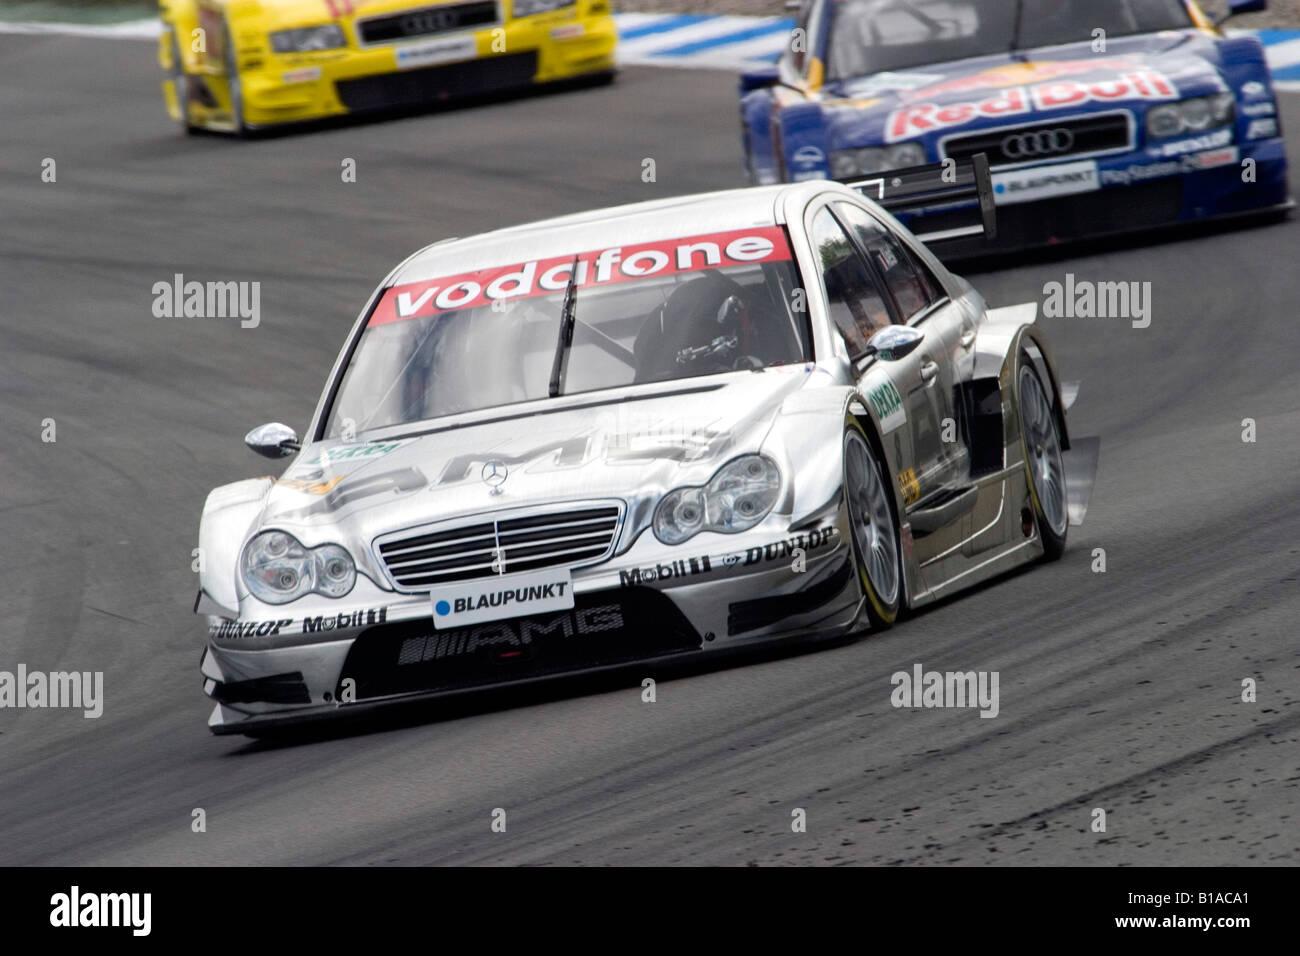 Jean Alesi, FRA, AMG Mercedes, DTM, Hockenheim, 18.04.2004 - Stock Image